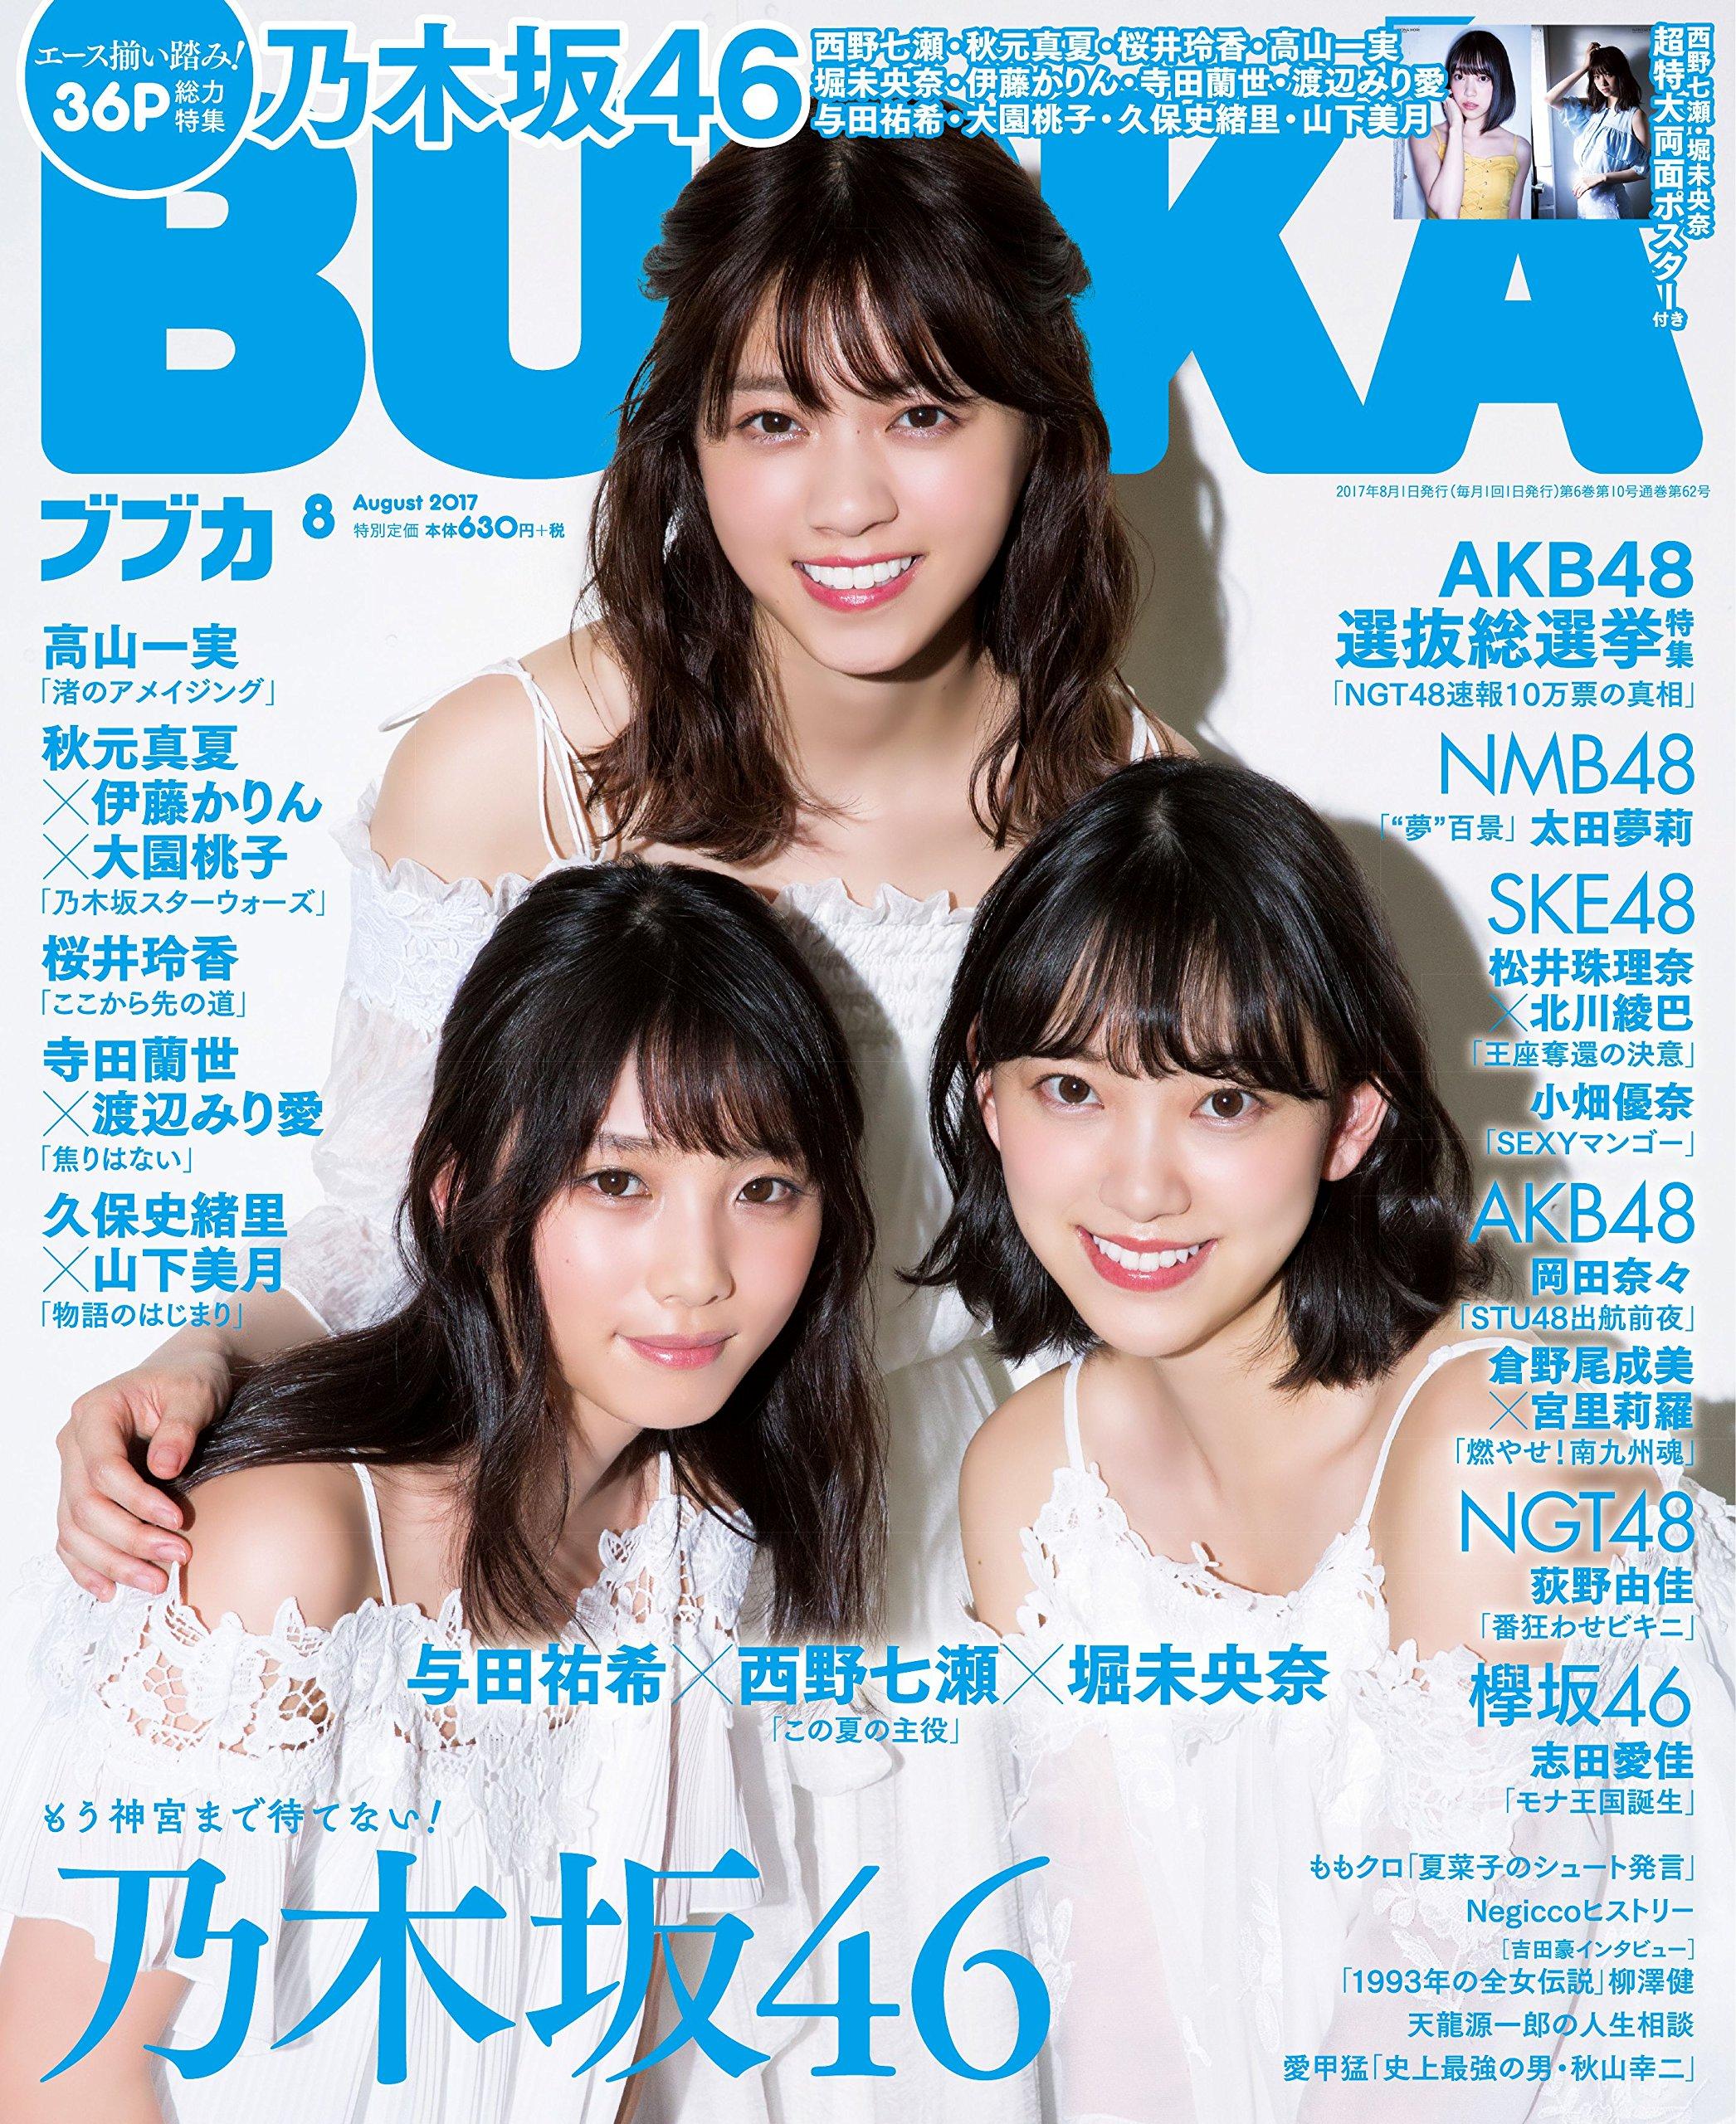 【AKB48】本・雑誌・書籍総合スレ45.5【新聞】->画像>39枚